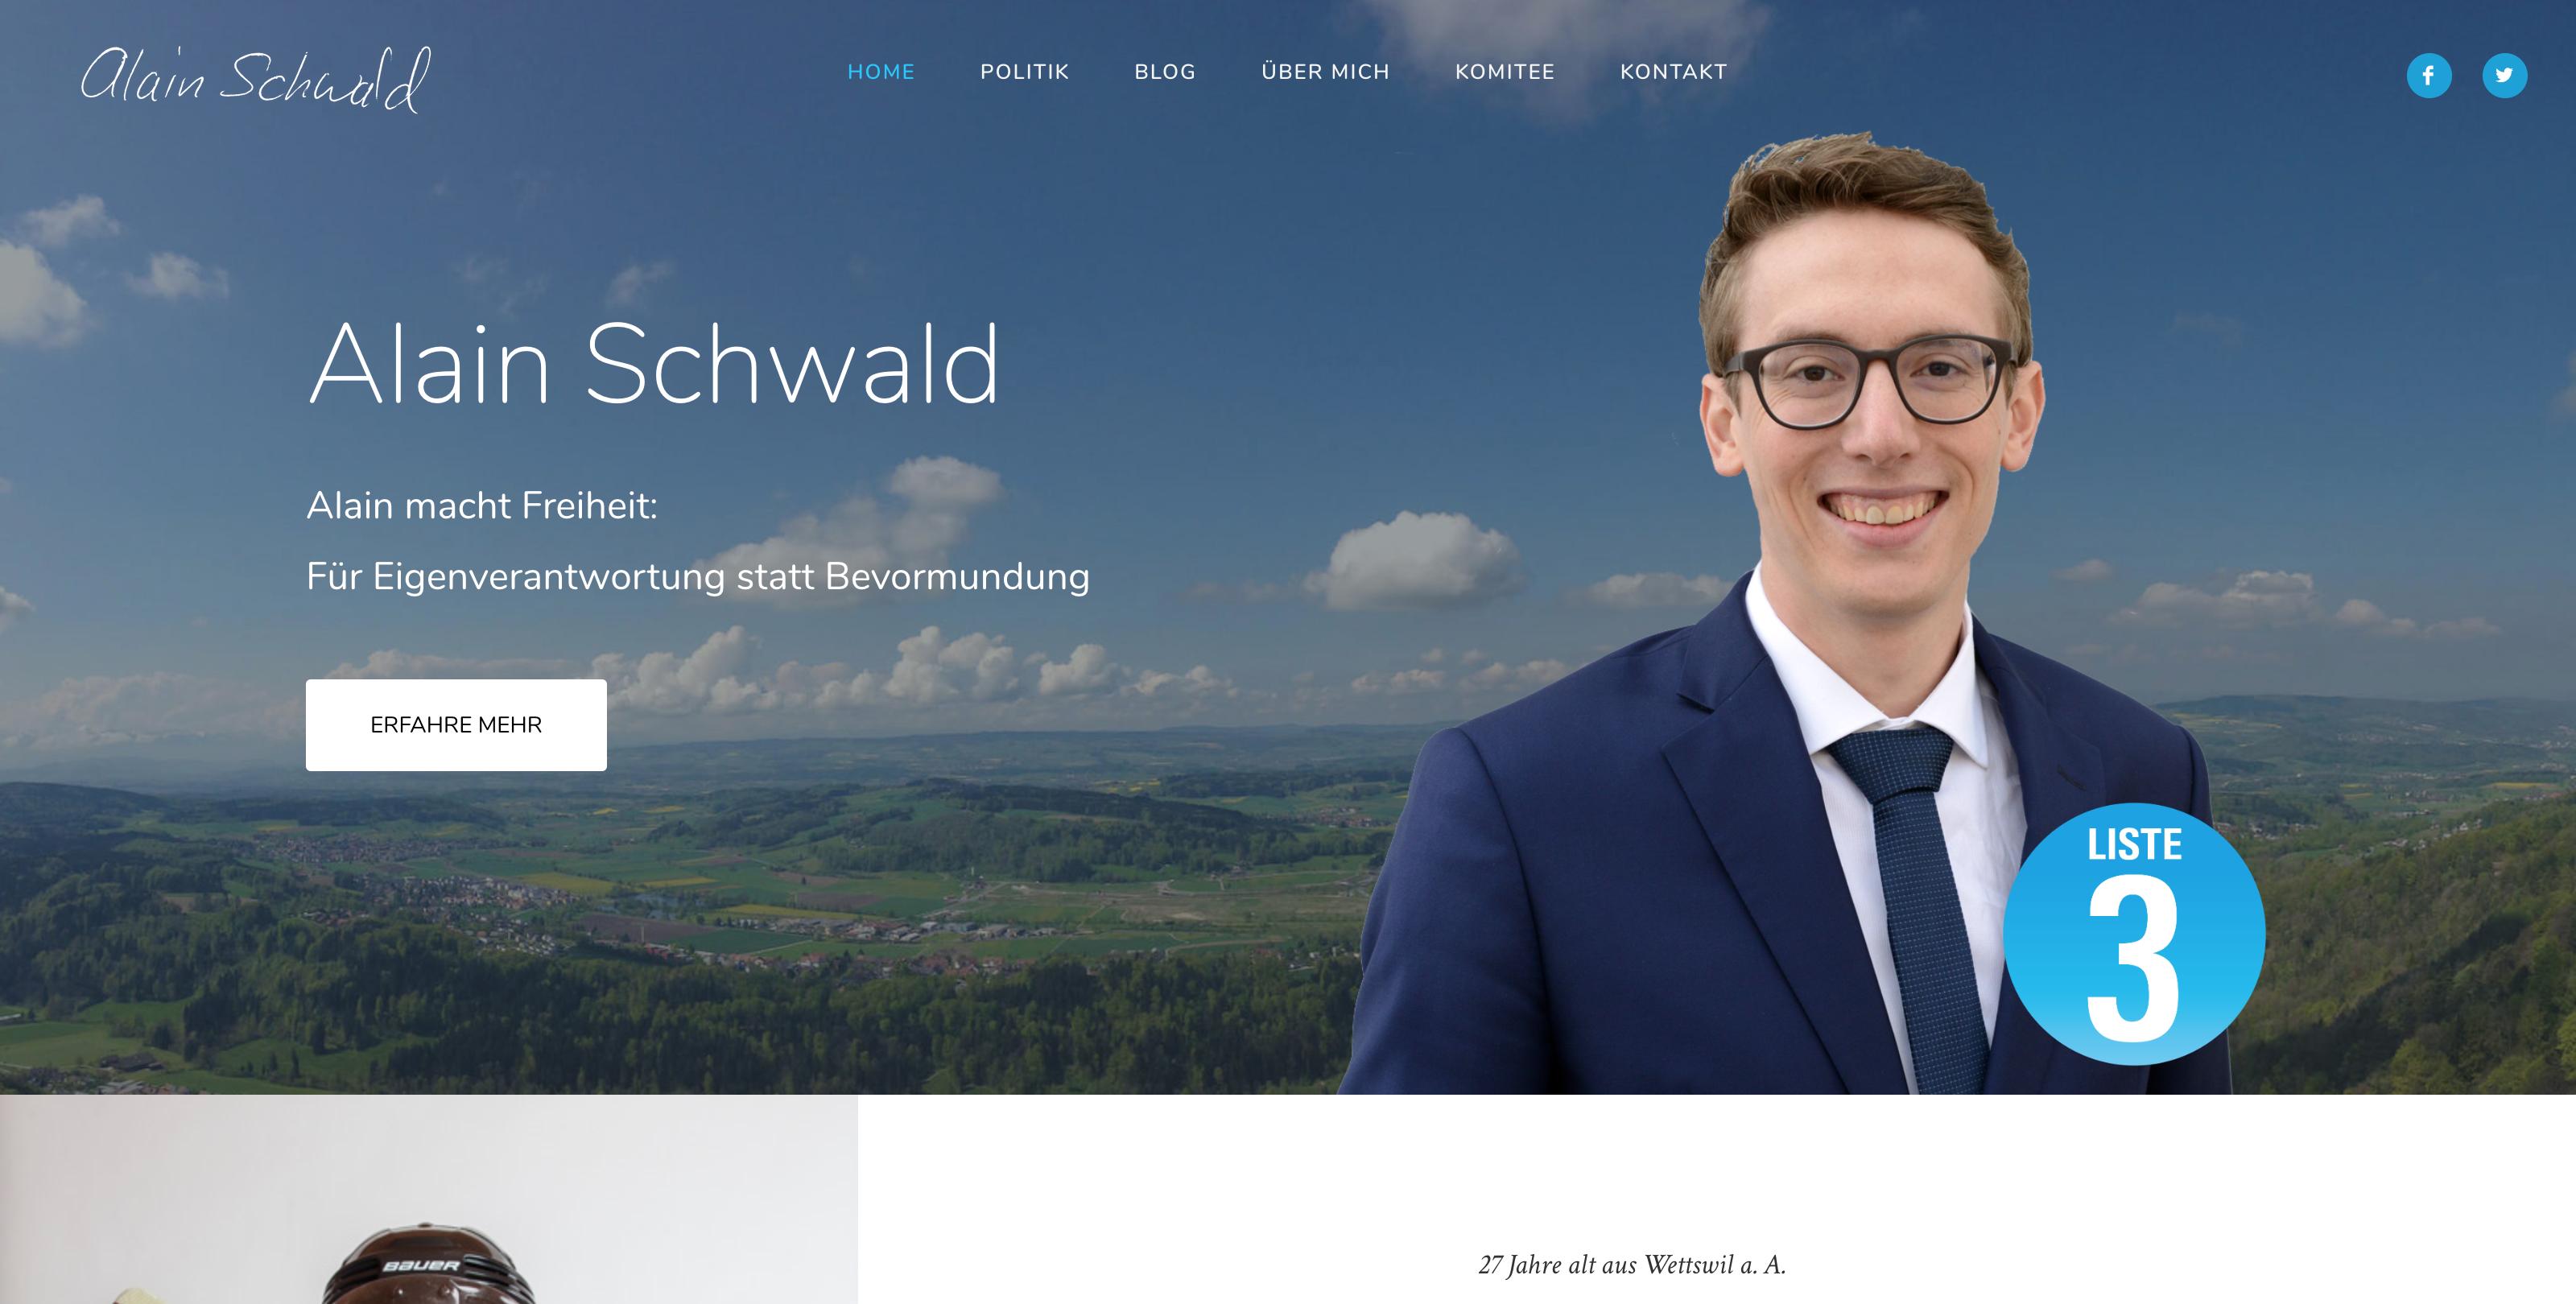 Webseite Alain Schwald Startseite